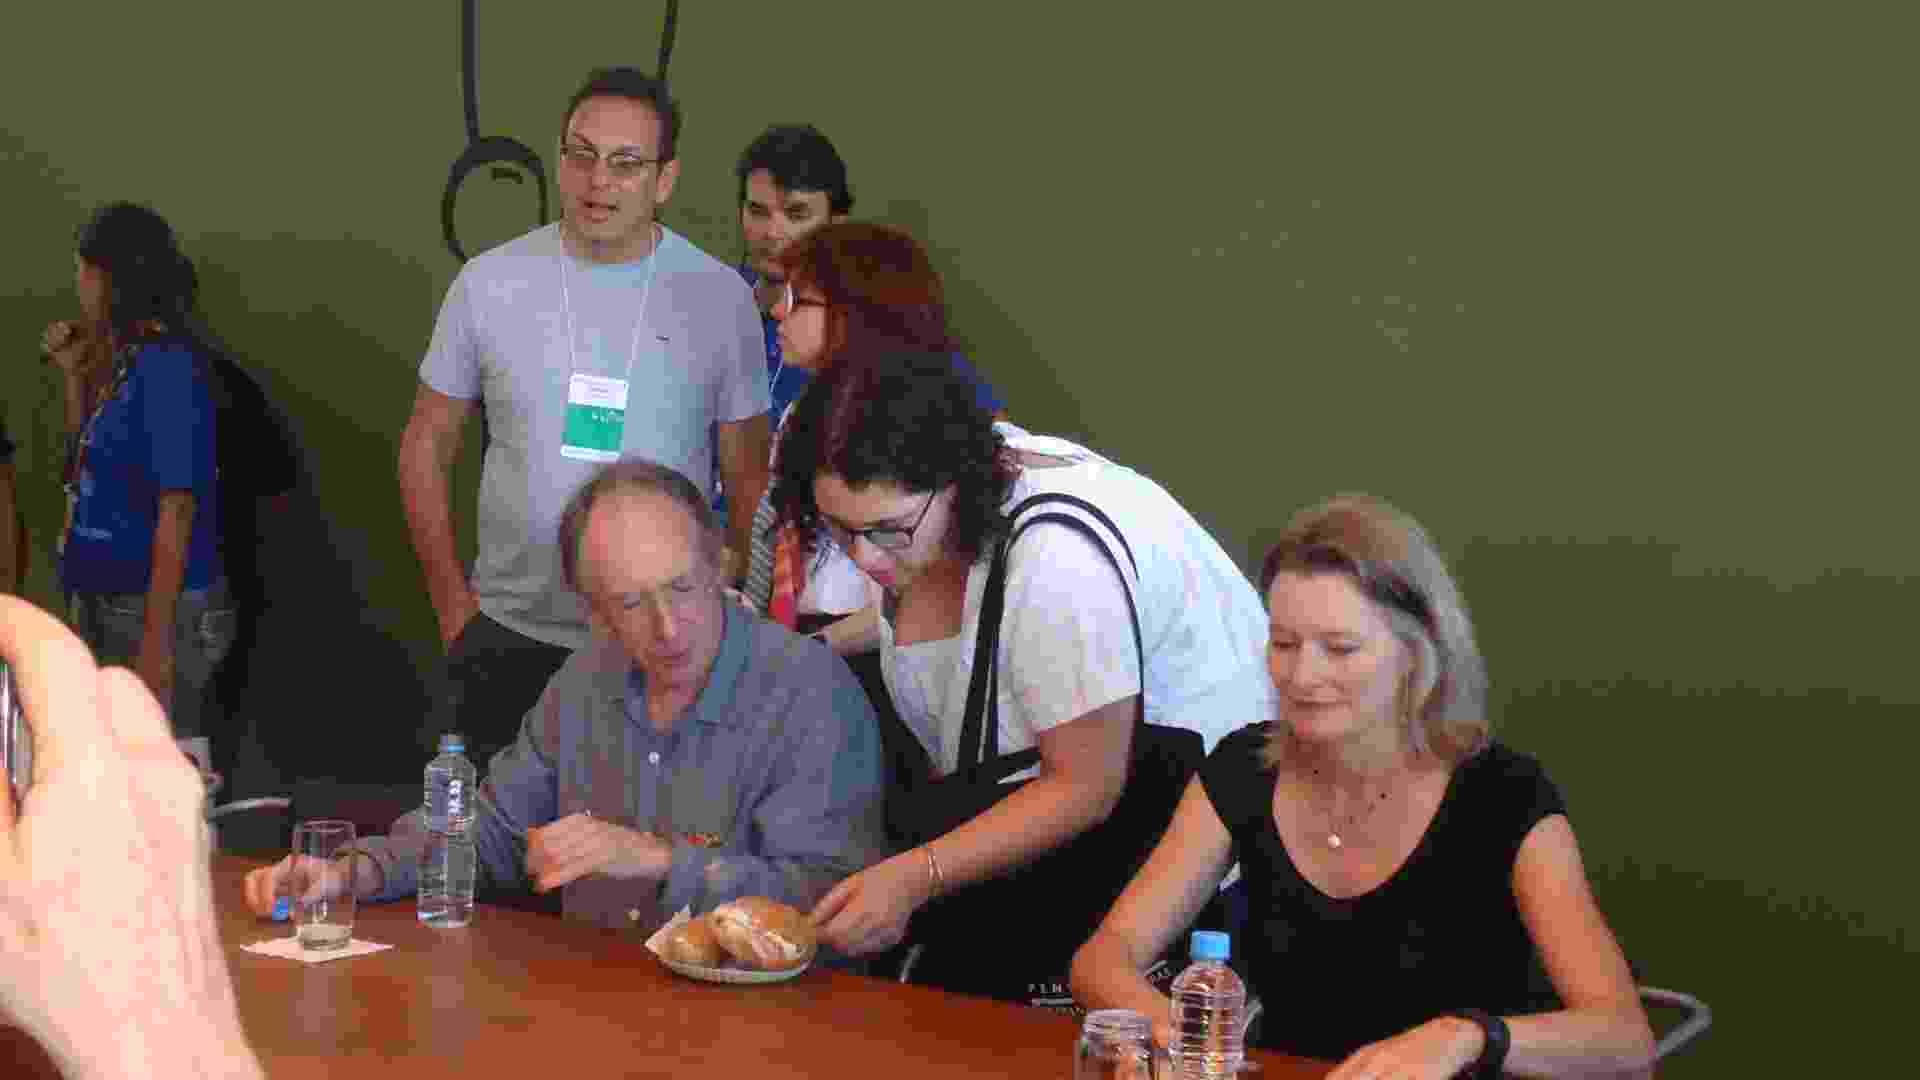 Ian McEwan e Jennifer Egan distribuem autógrafos depois de participarem juntos de debate na Flip 2012 (7/7/12) - Natalia Engler/UOL